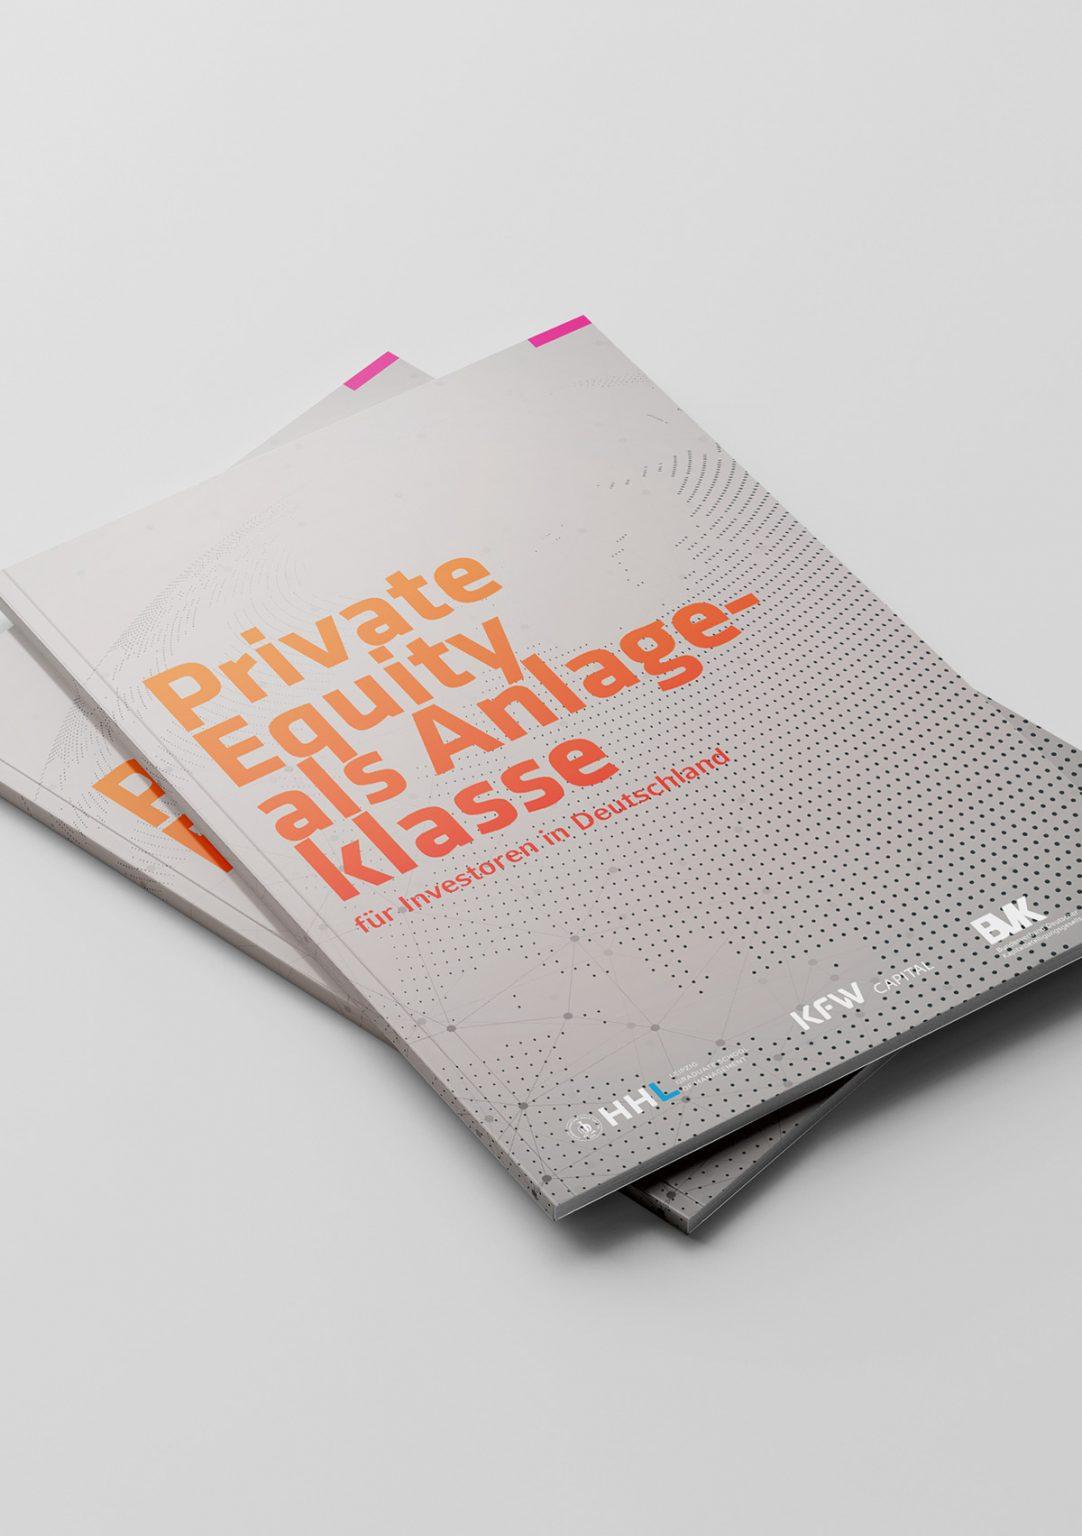 freelancer-fuer-grafikdesign-referenzen-layout